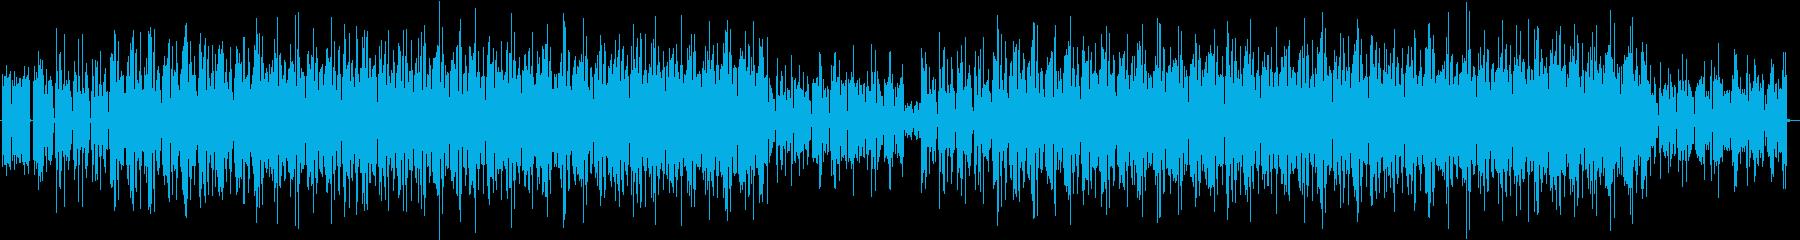 指示・説明などのブリーフィング場面の再生済みの波形